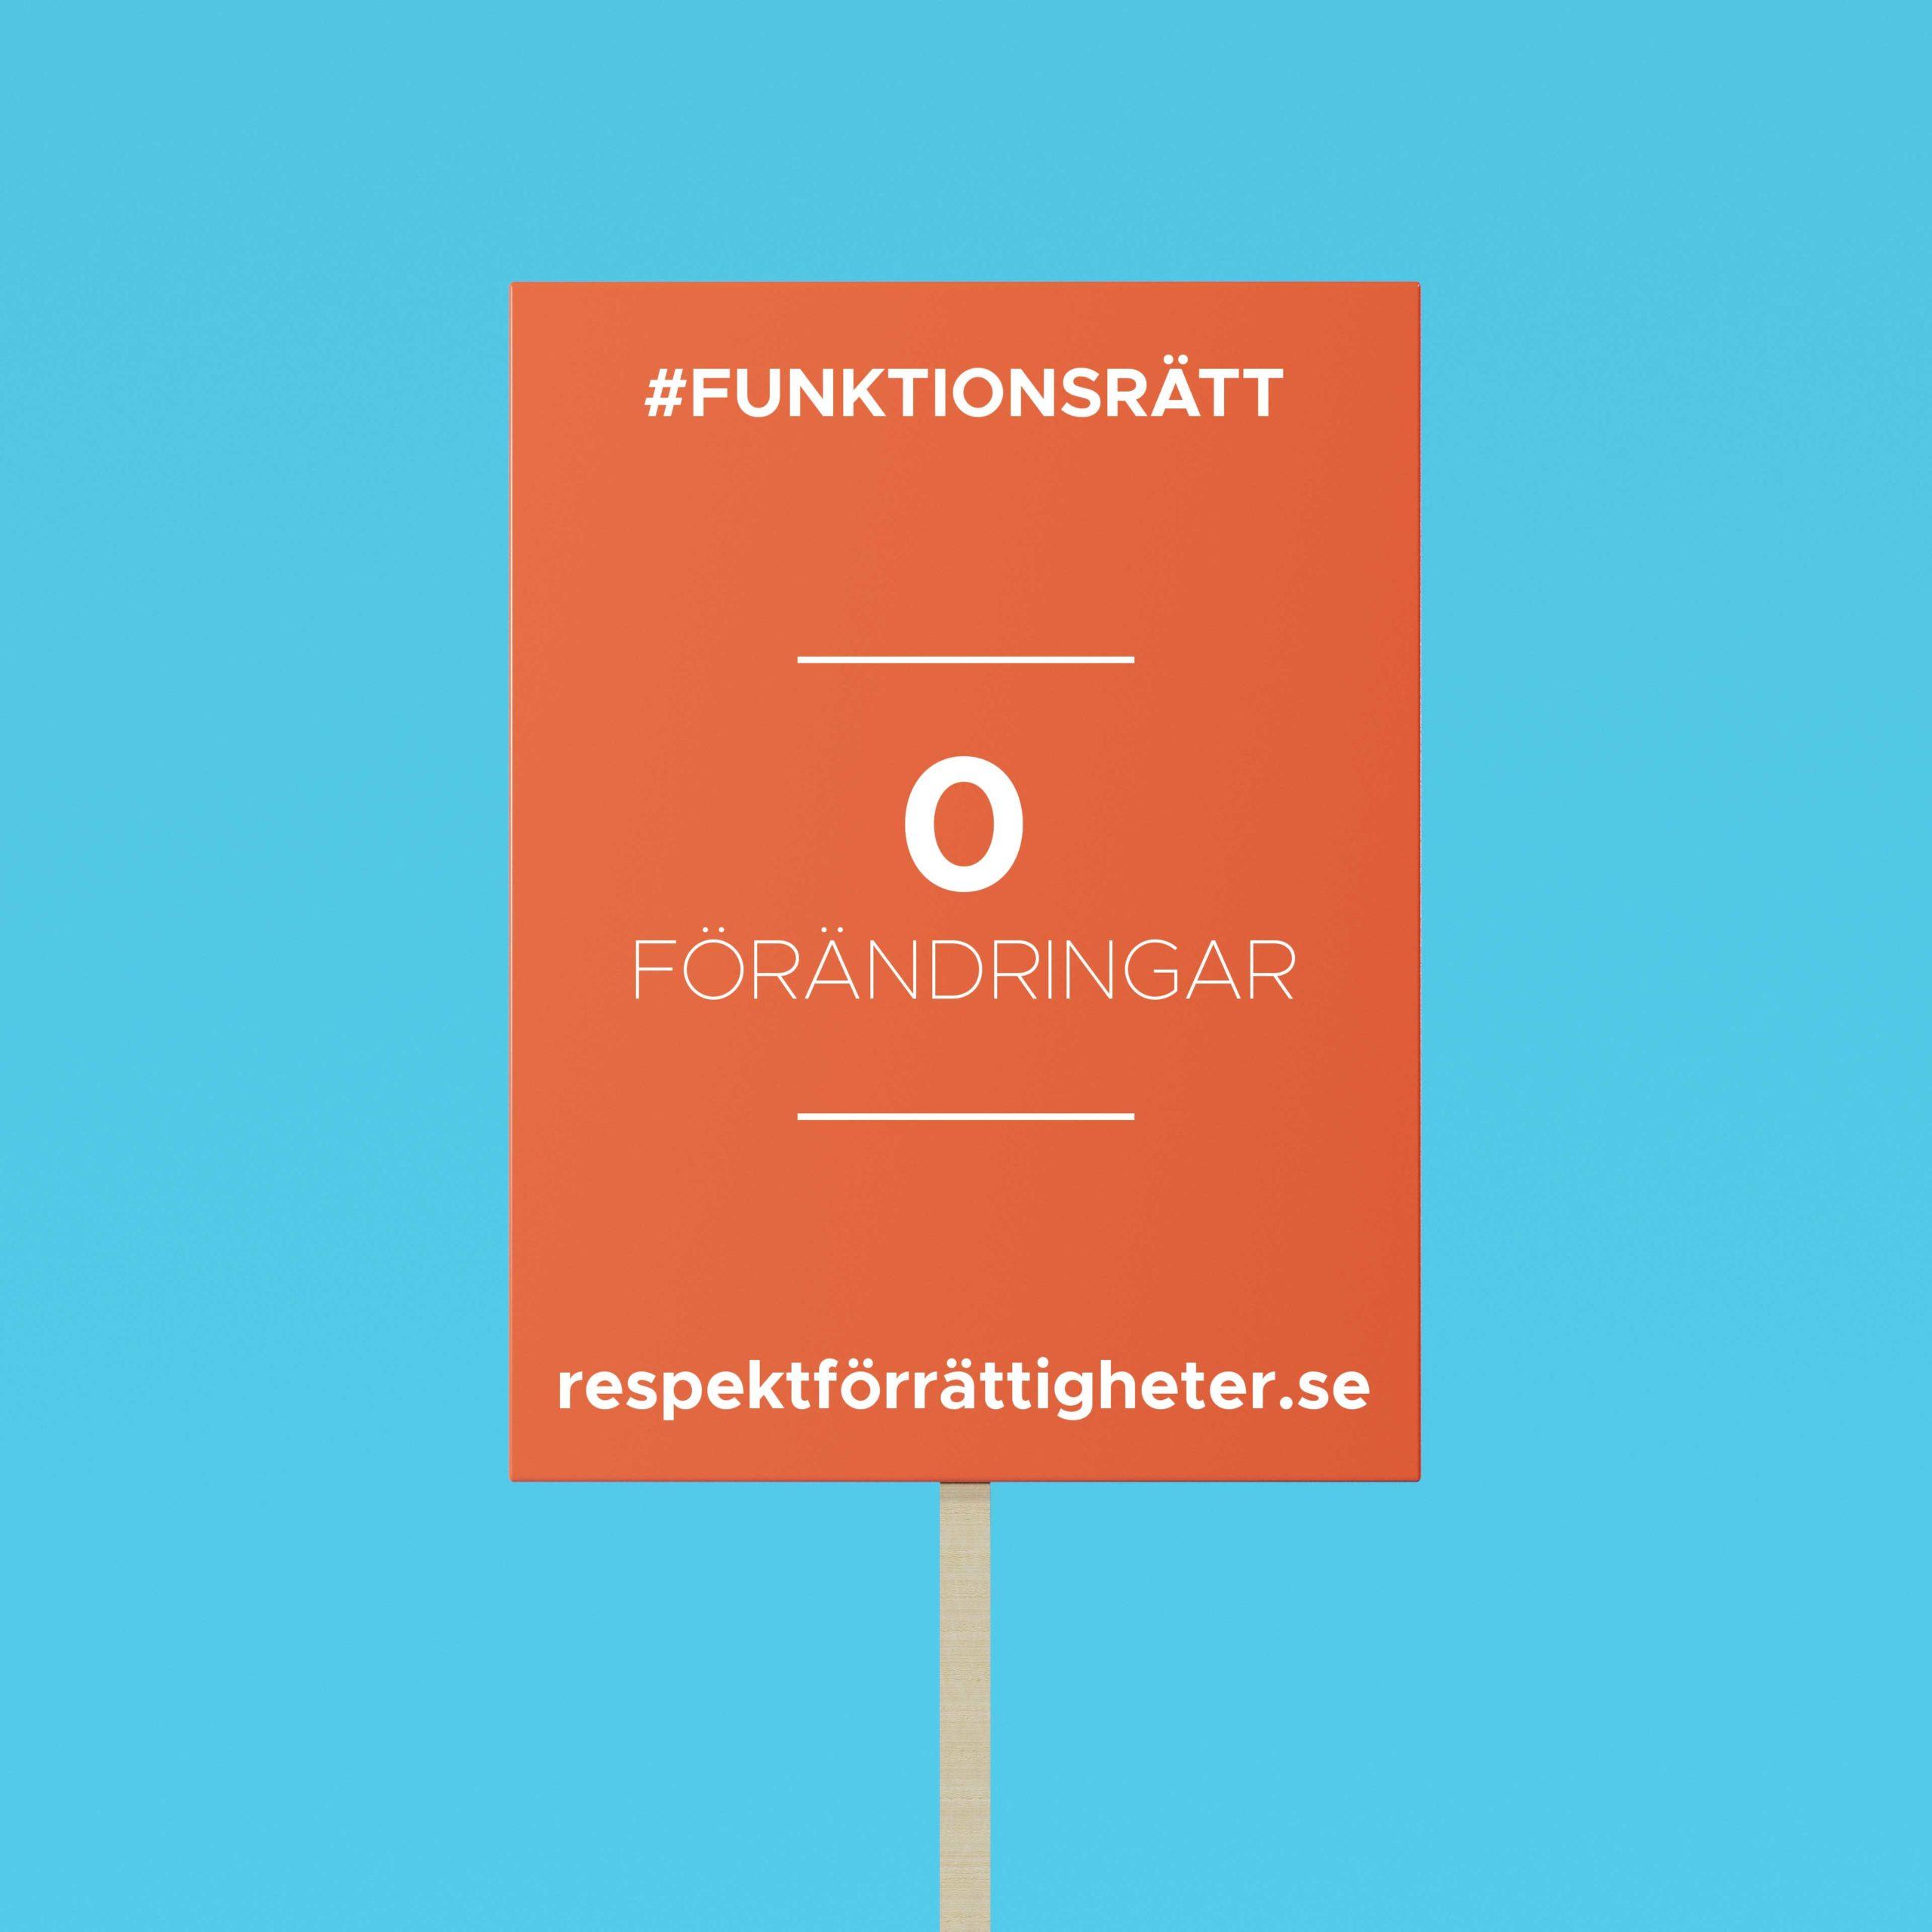 protestplakat med text: funktionsrätt, 0 förändringar, repsektförrättigheter.se